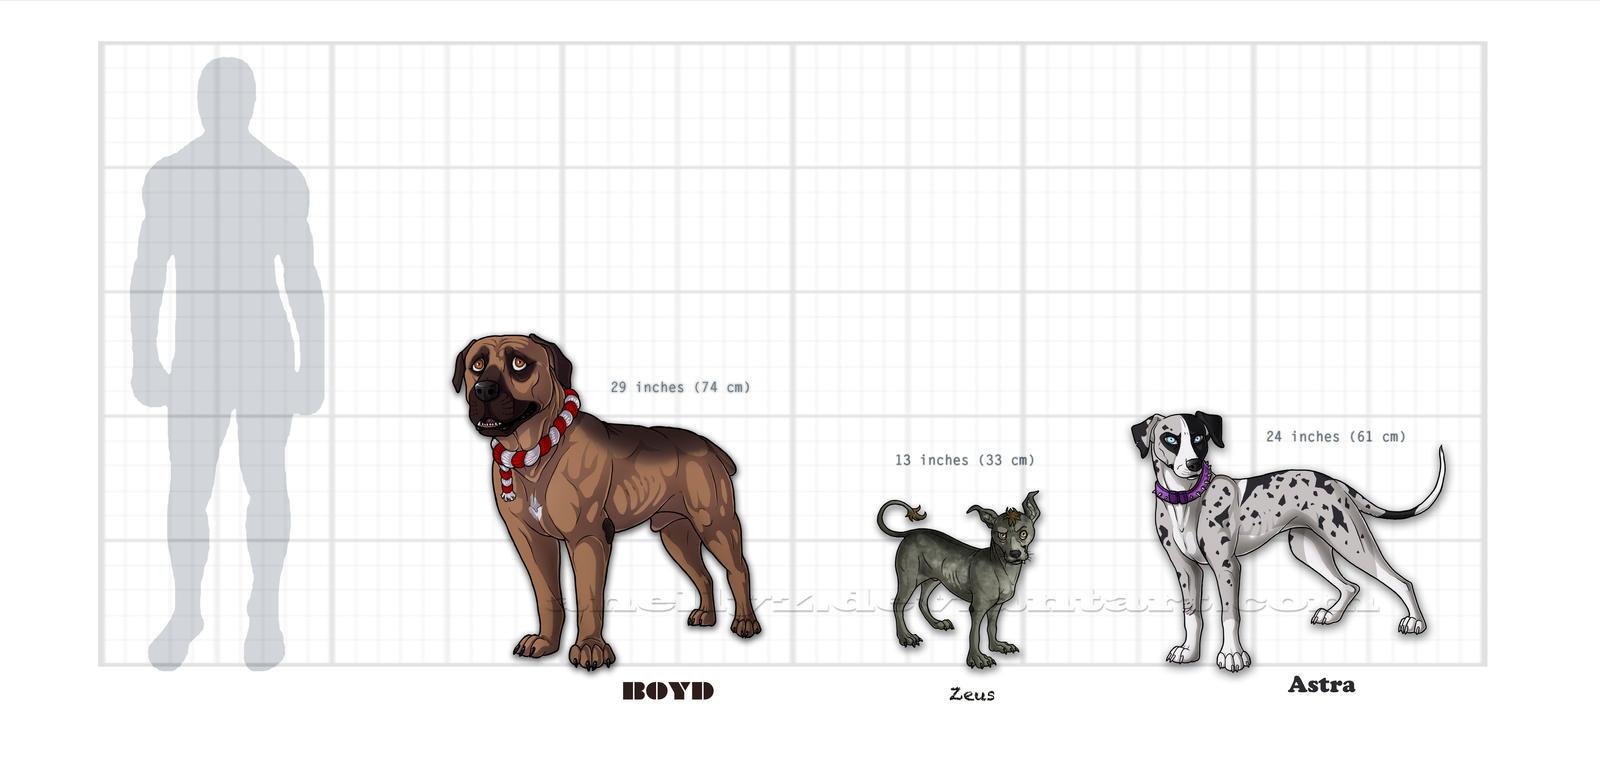 Boyd Zeus Astra Size Comparison By Ionekta On Deviantart